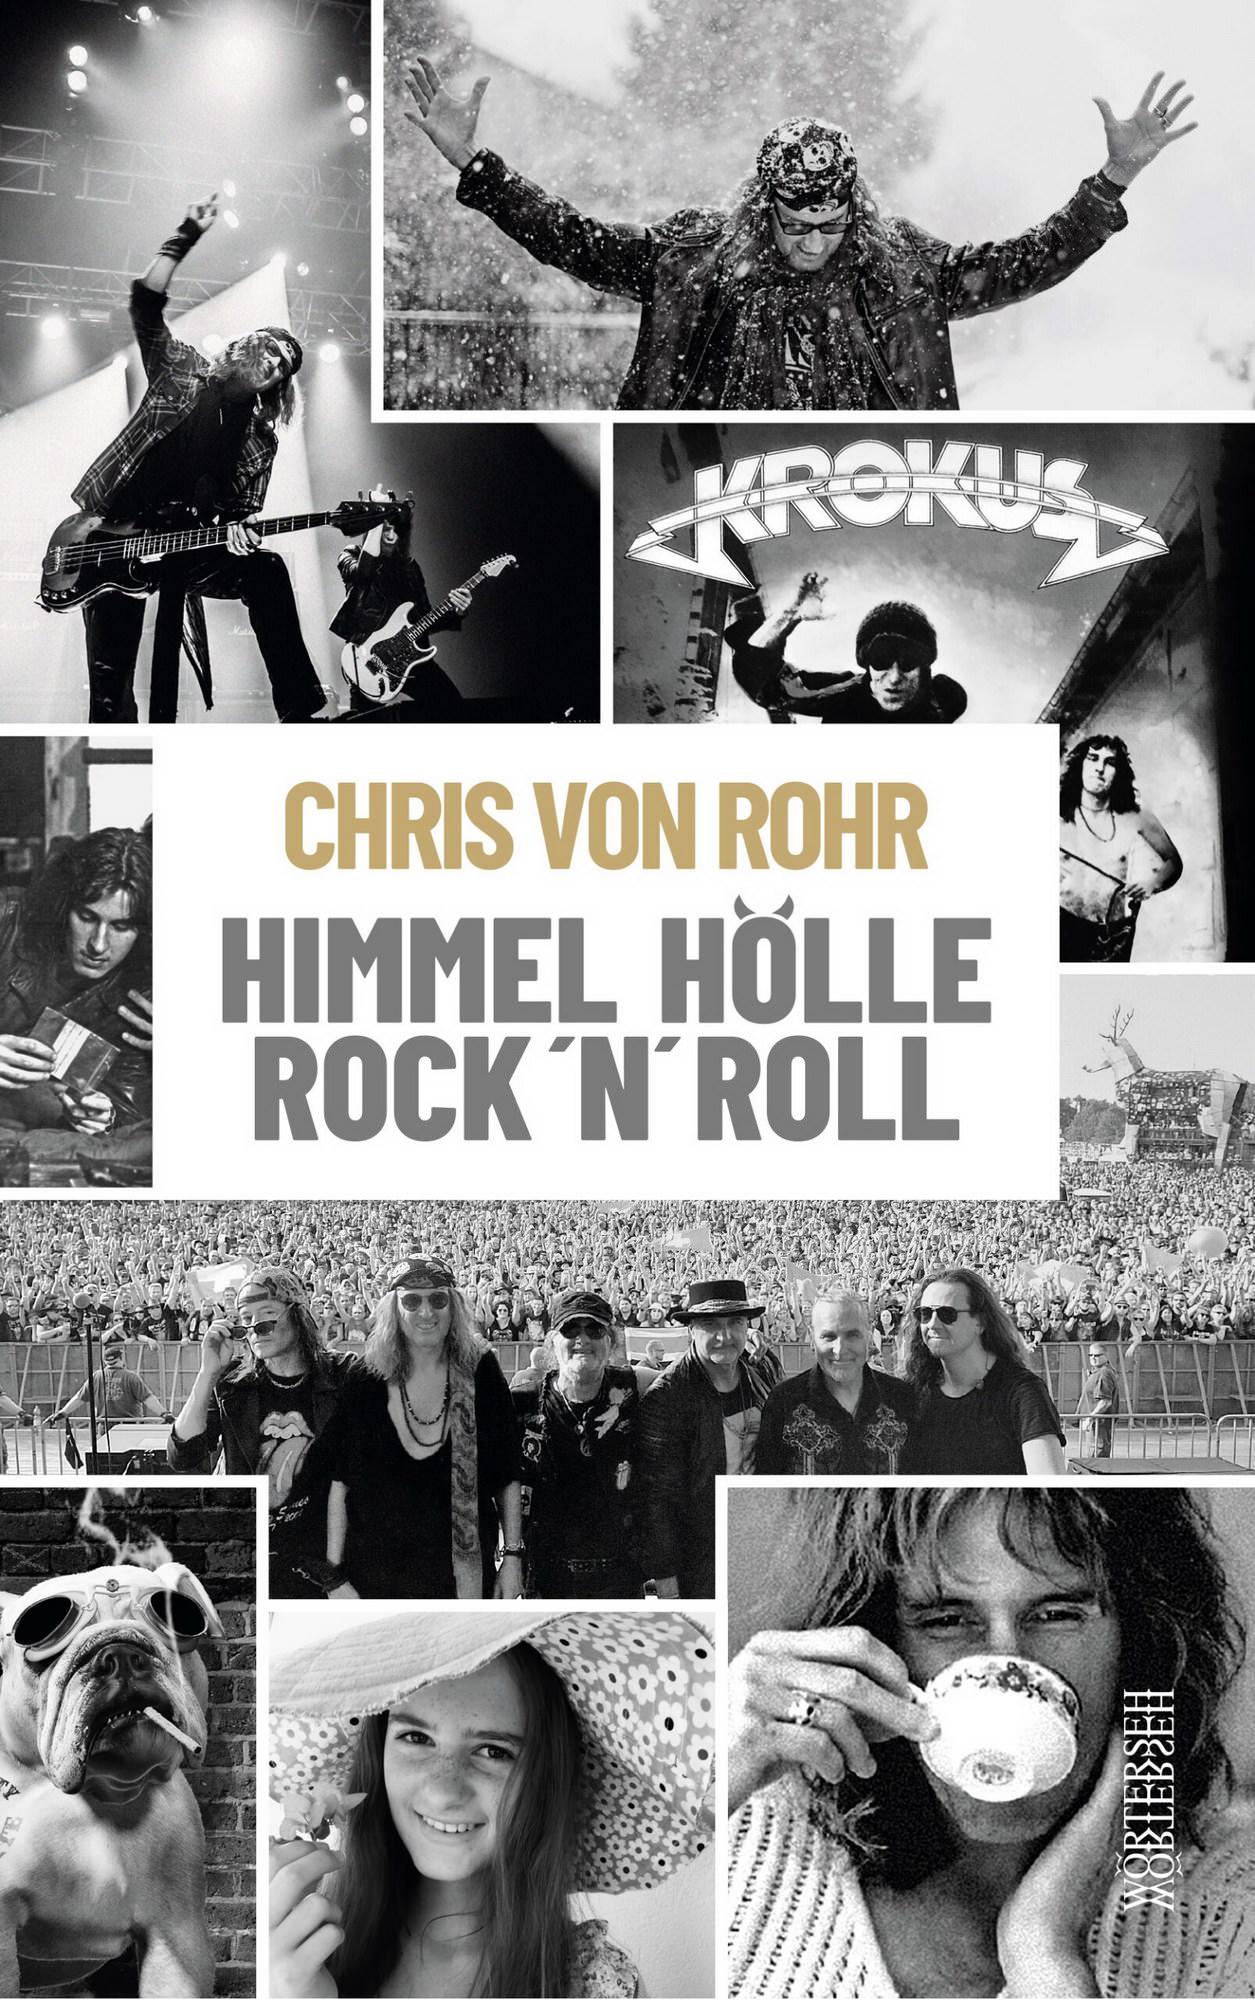 HIMMEL HÖLLE ROCK 'N' ROLL